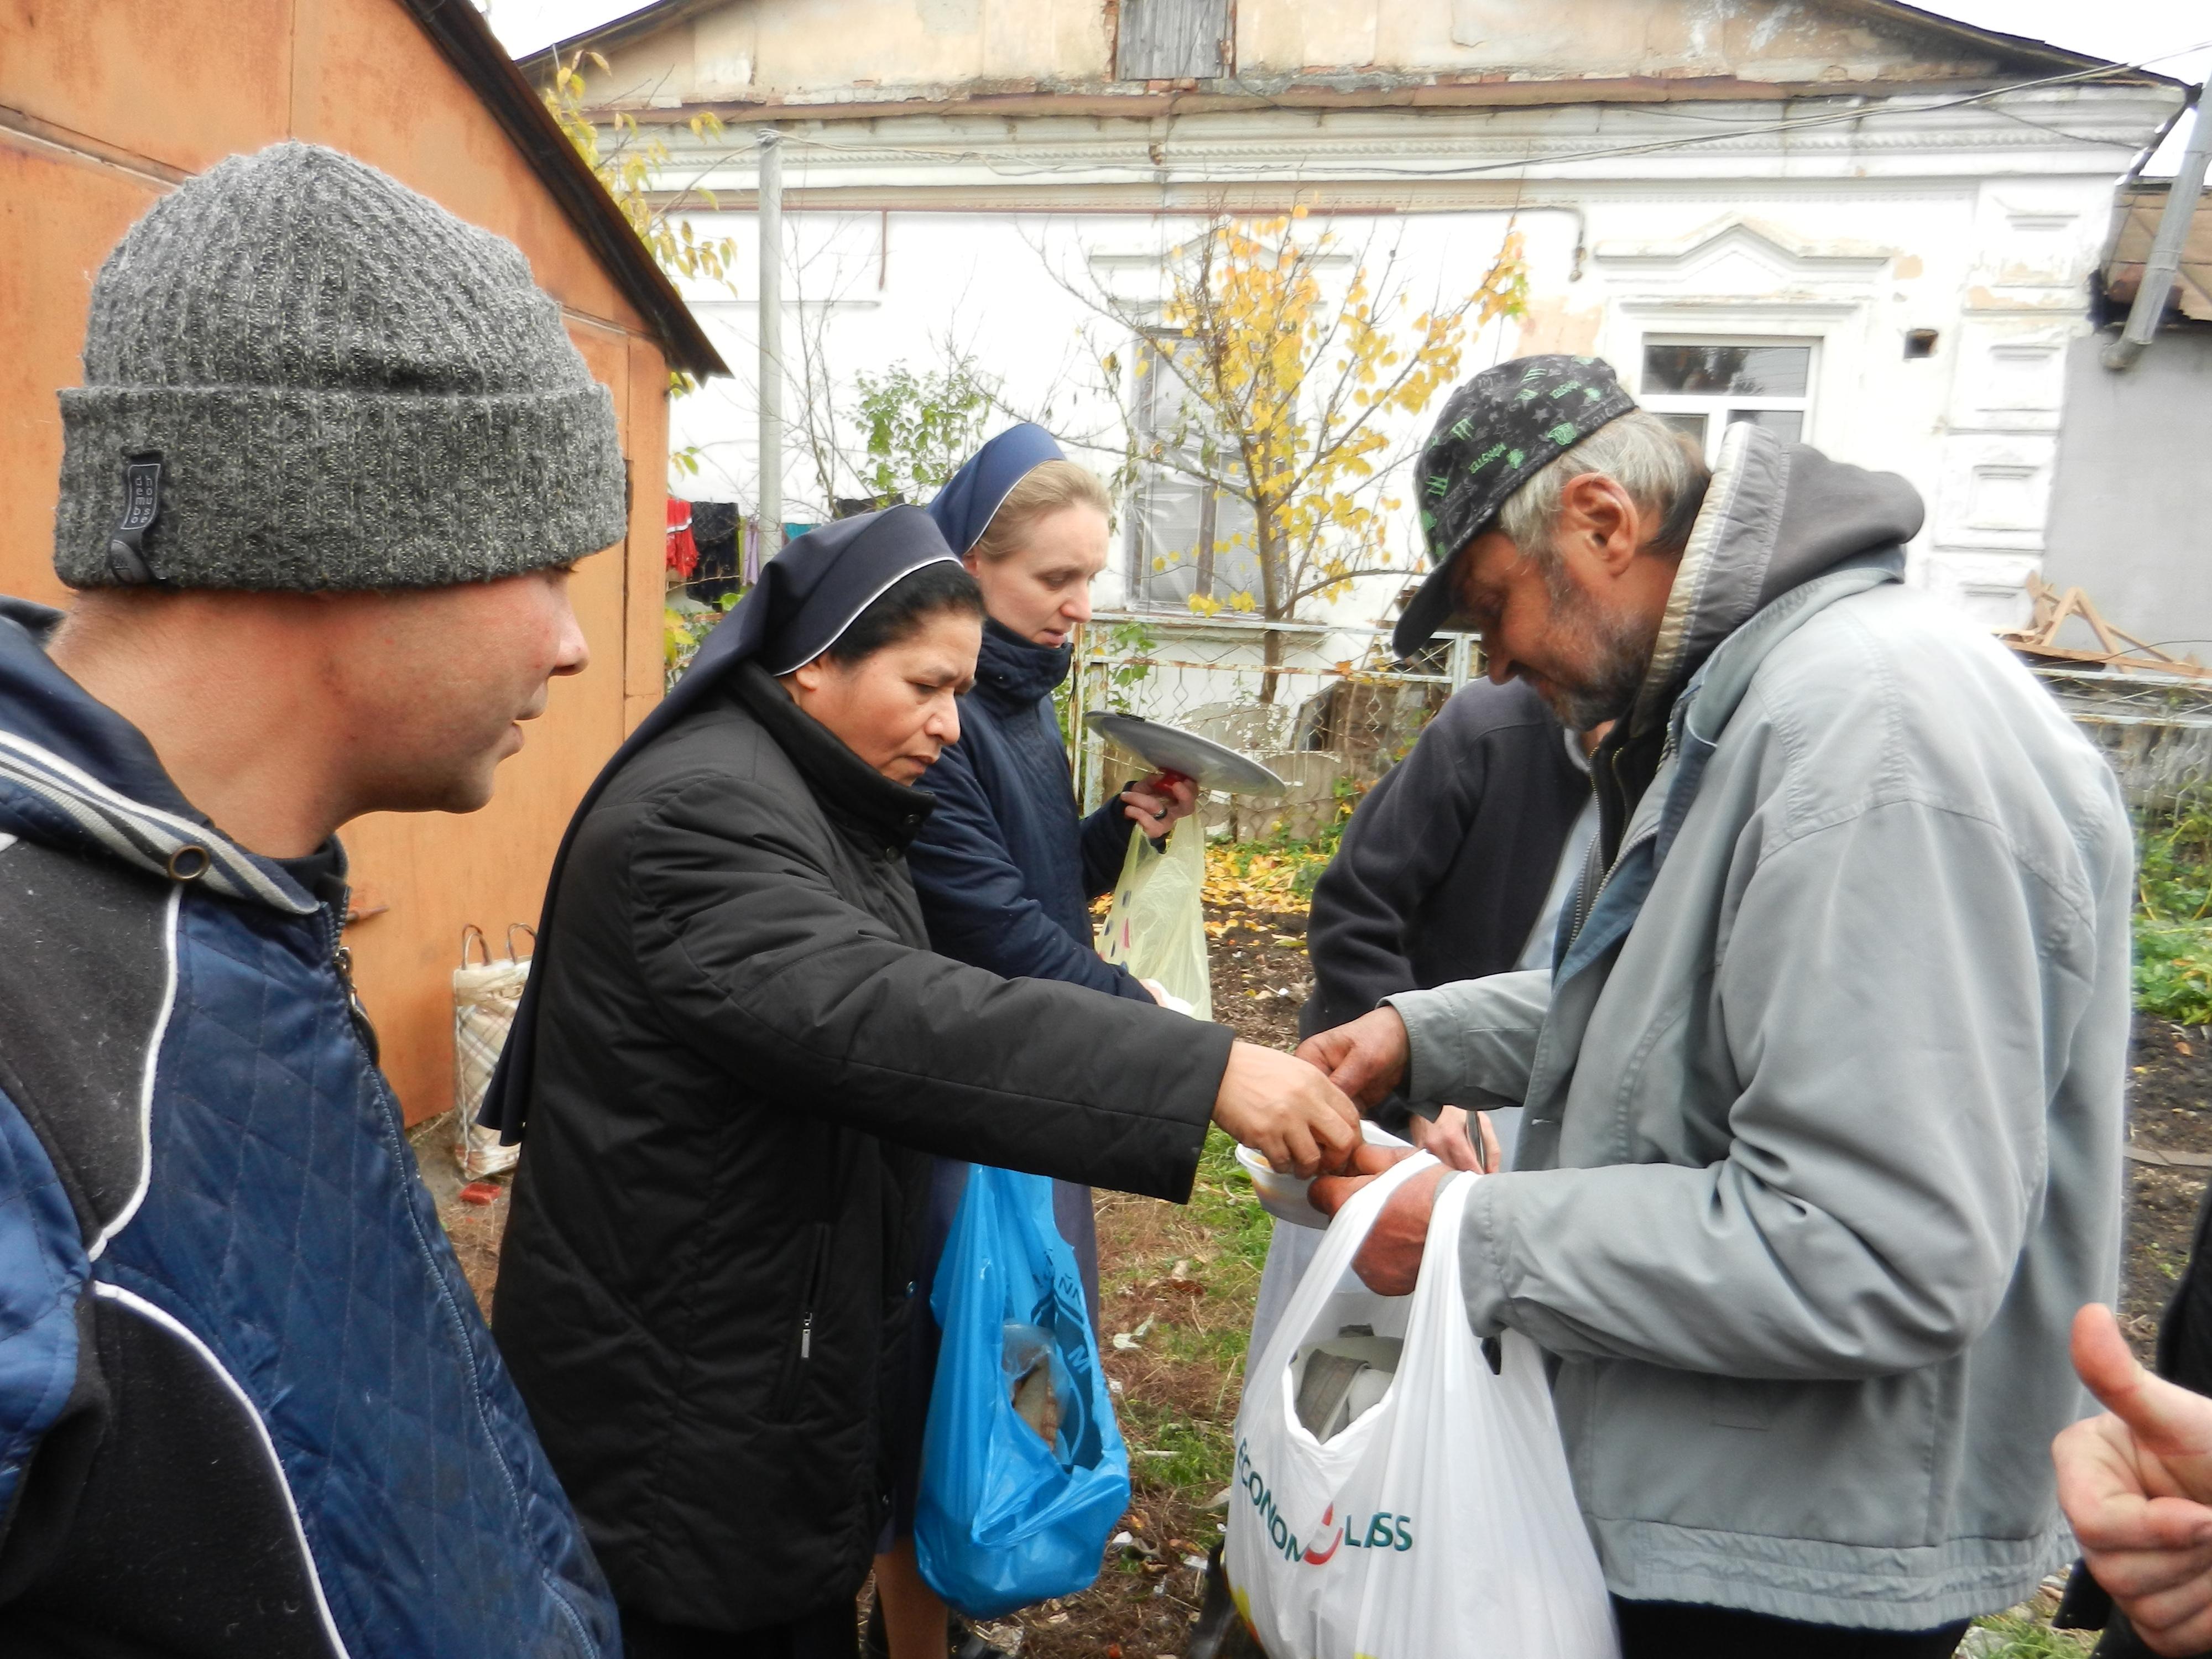 С. Мікаелін з риму роздає обід на вулиці у Хмельницькому